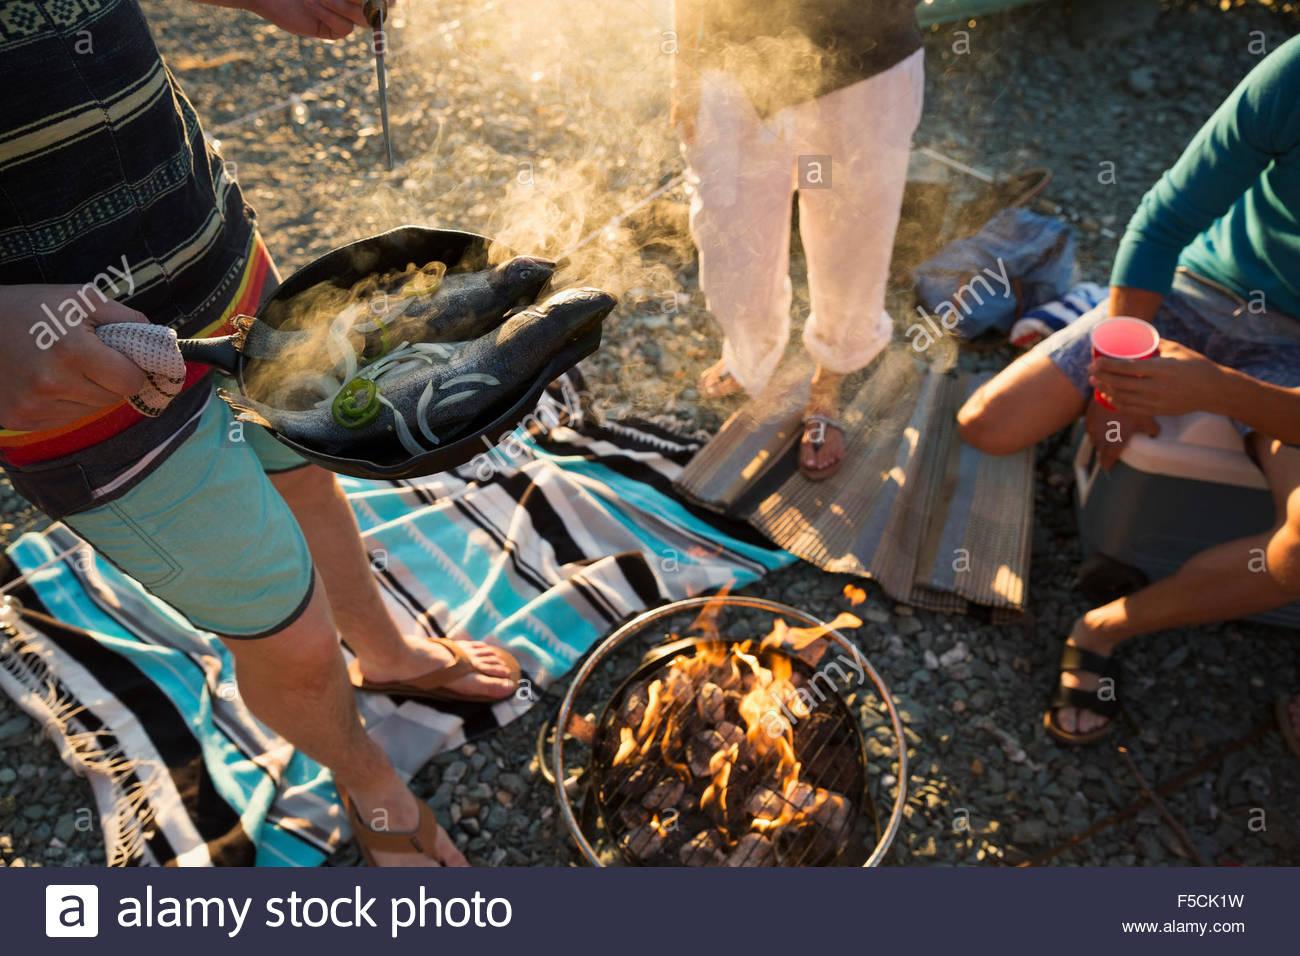 Jóvenes amigos cocinar en fogata Imagen De Stock